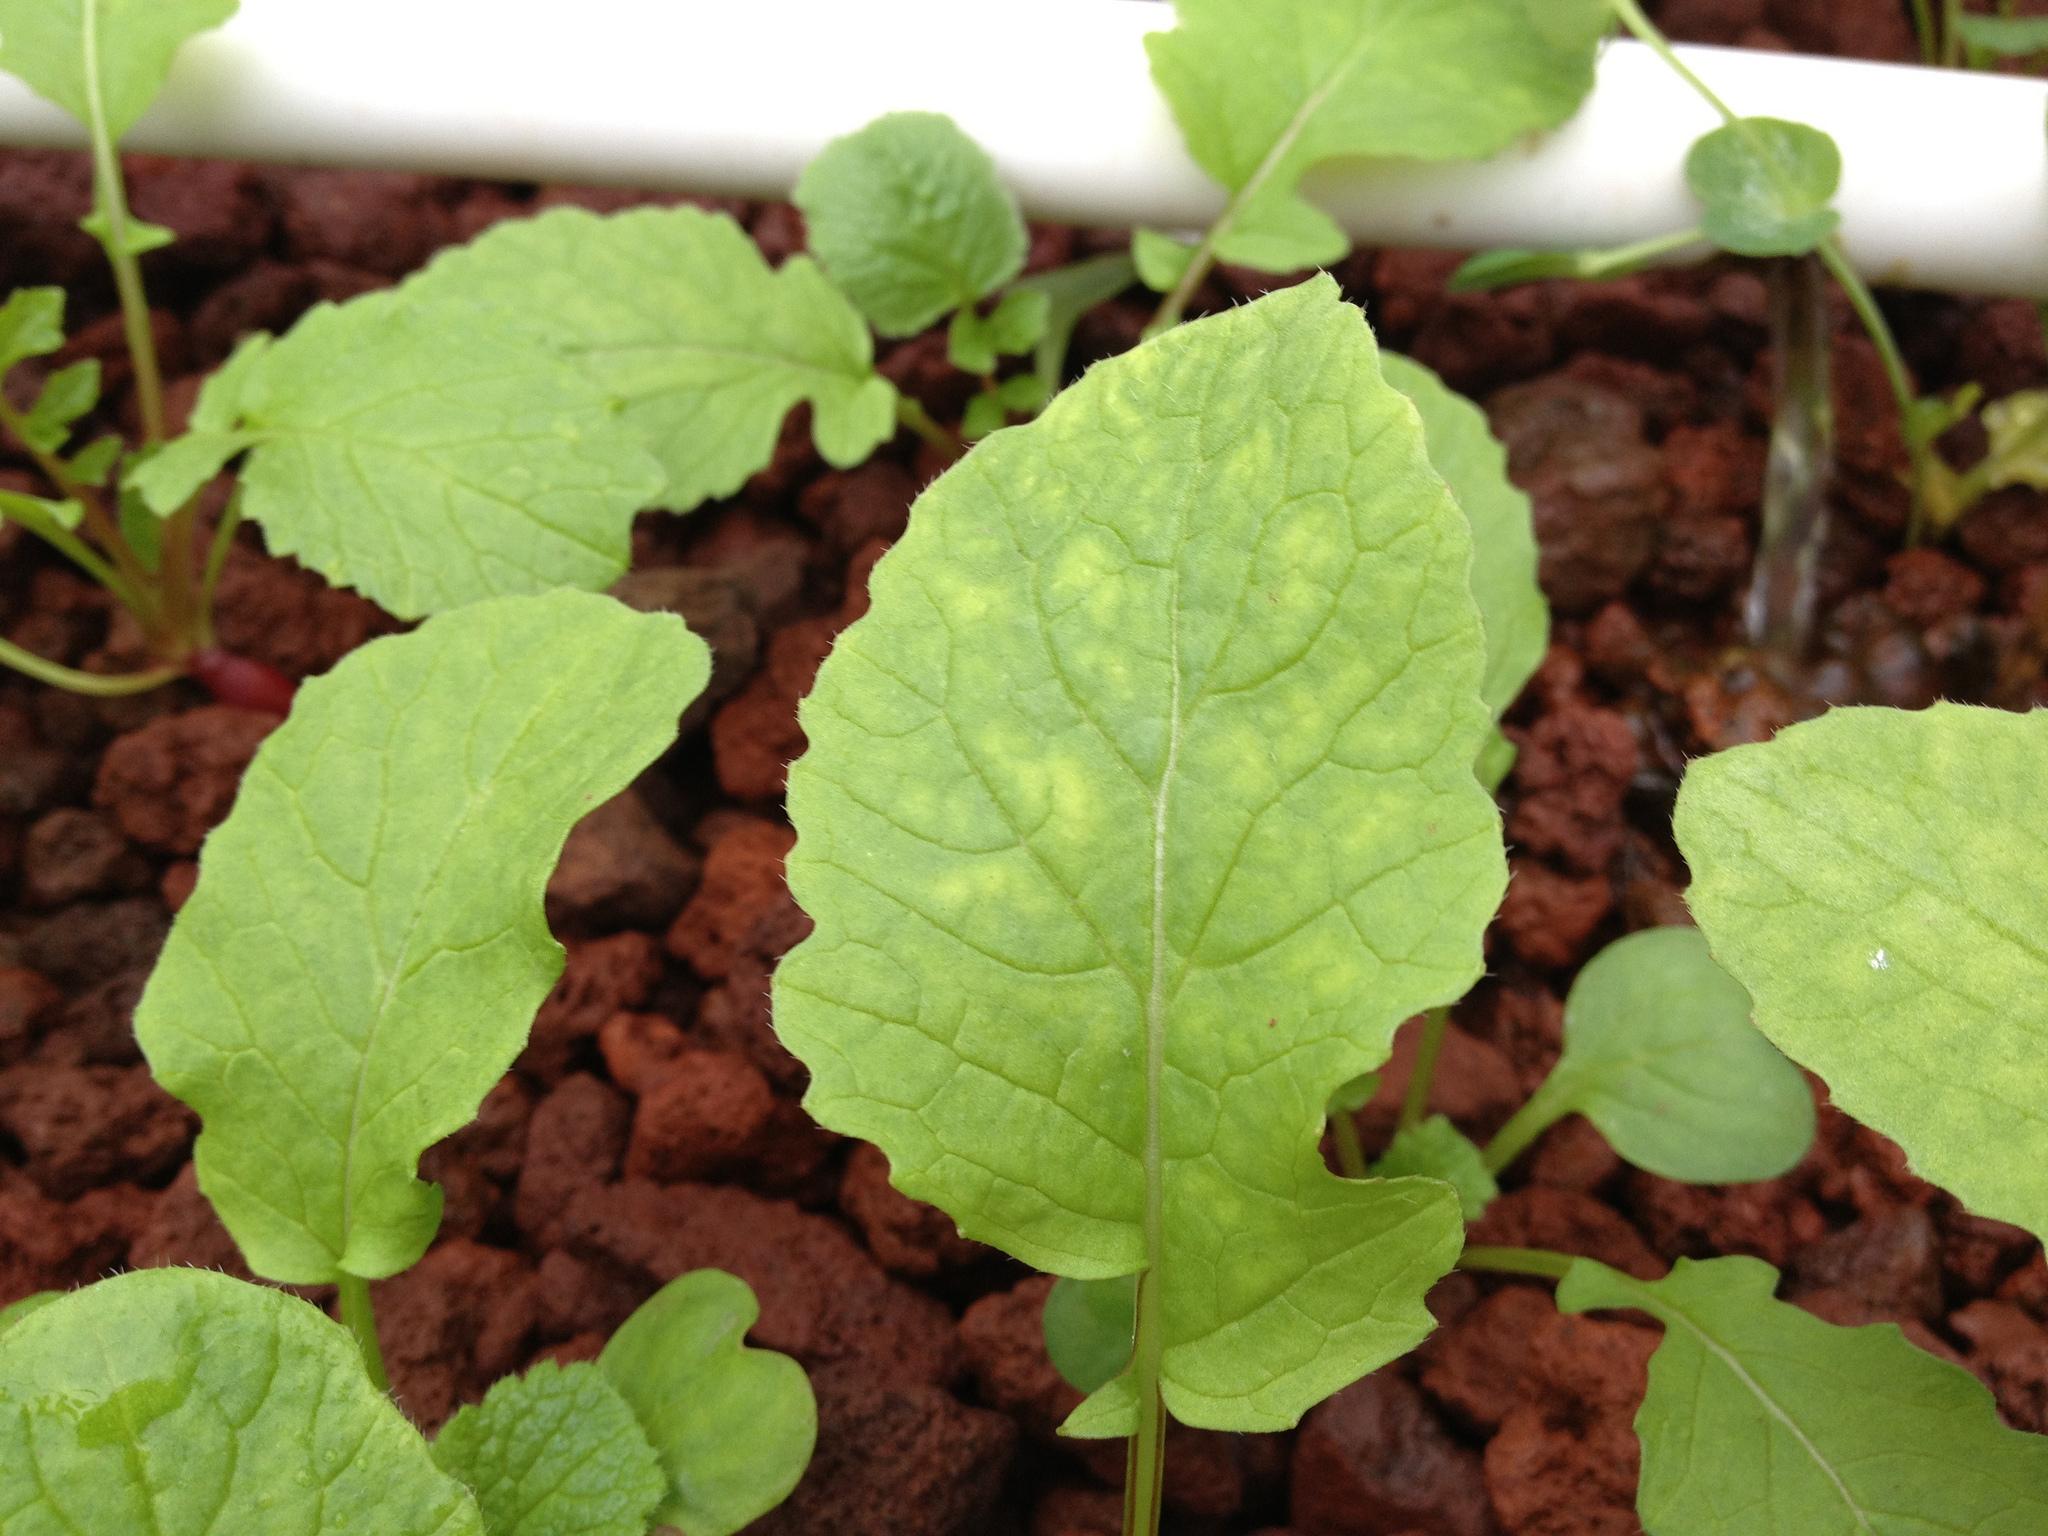 Magnesium finns i bl.a gröna grönsaker